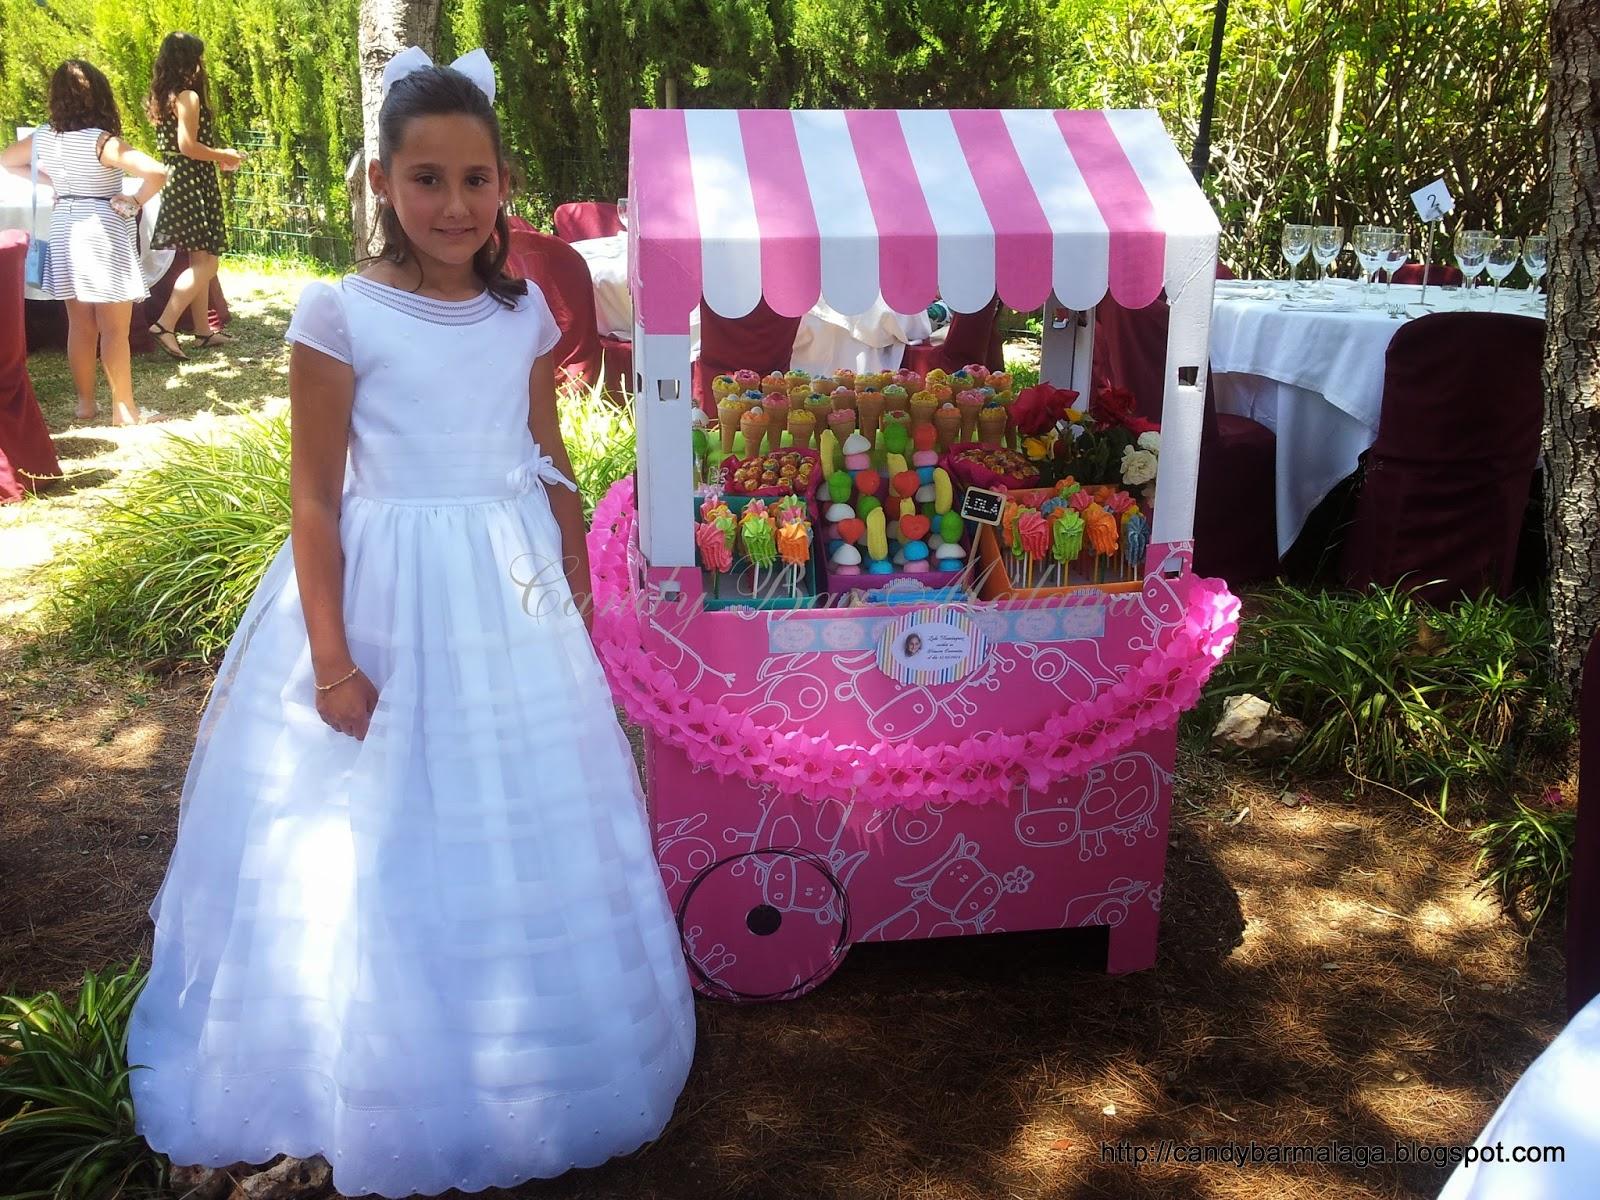 Candy bar m laga carrito de chuches comuni n de lola - Carro de chuches para cumpleanos ...